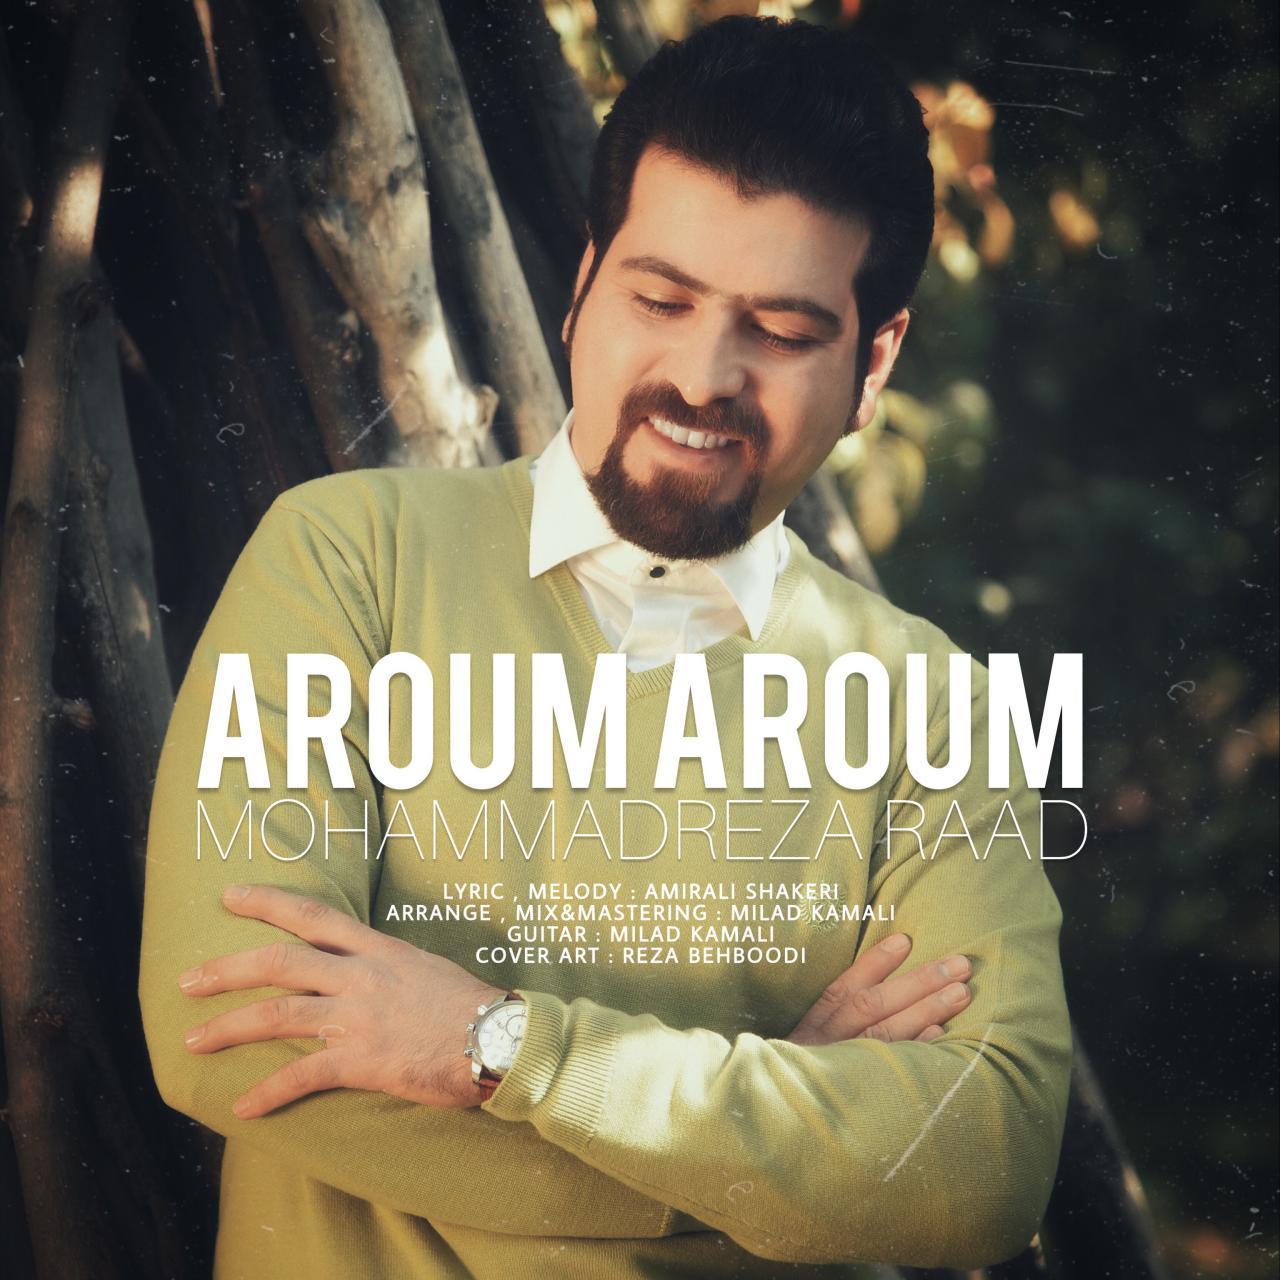 Mohammadreza Raad – Aroom Aroom